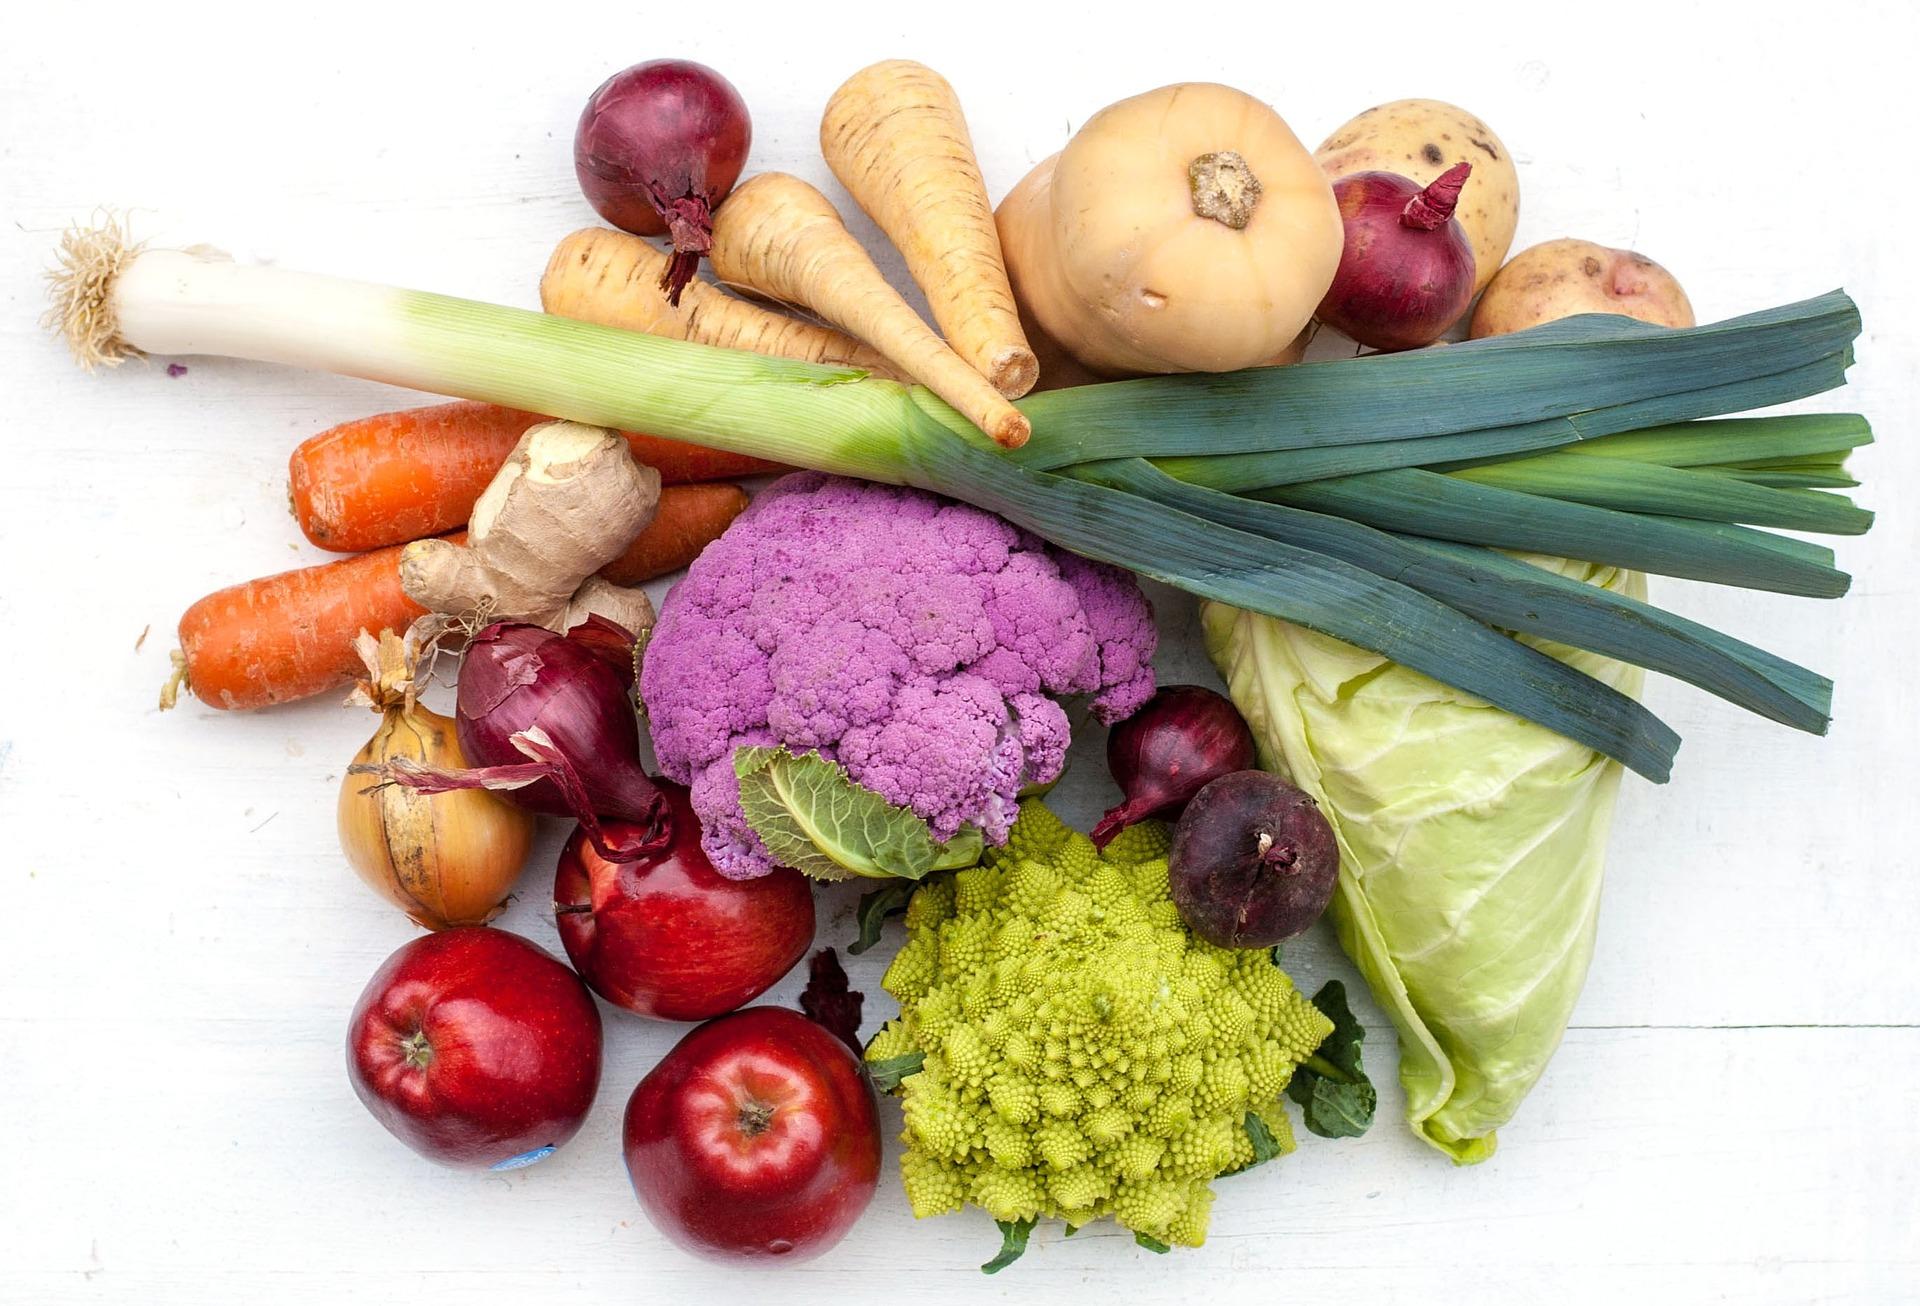 vegetables-1054665_1920